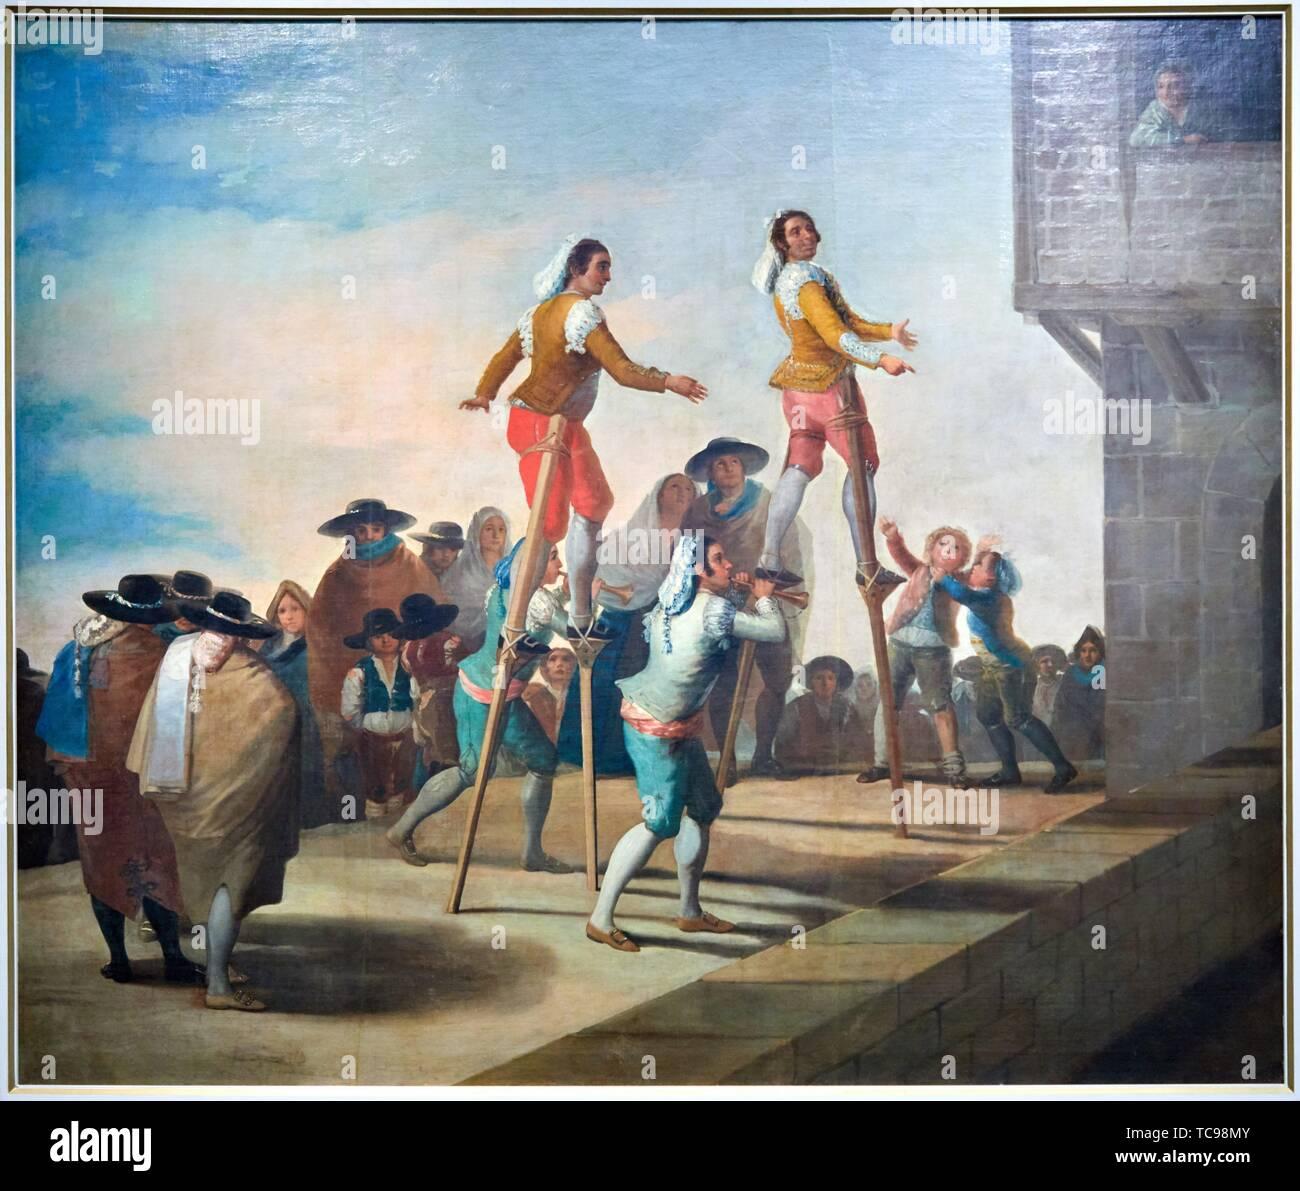 '''Sinclina'', 1791-1792, Francisco de Goya y Lucientes, el Museo del Prado, Madrid, España Foto de stock